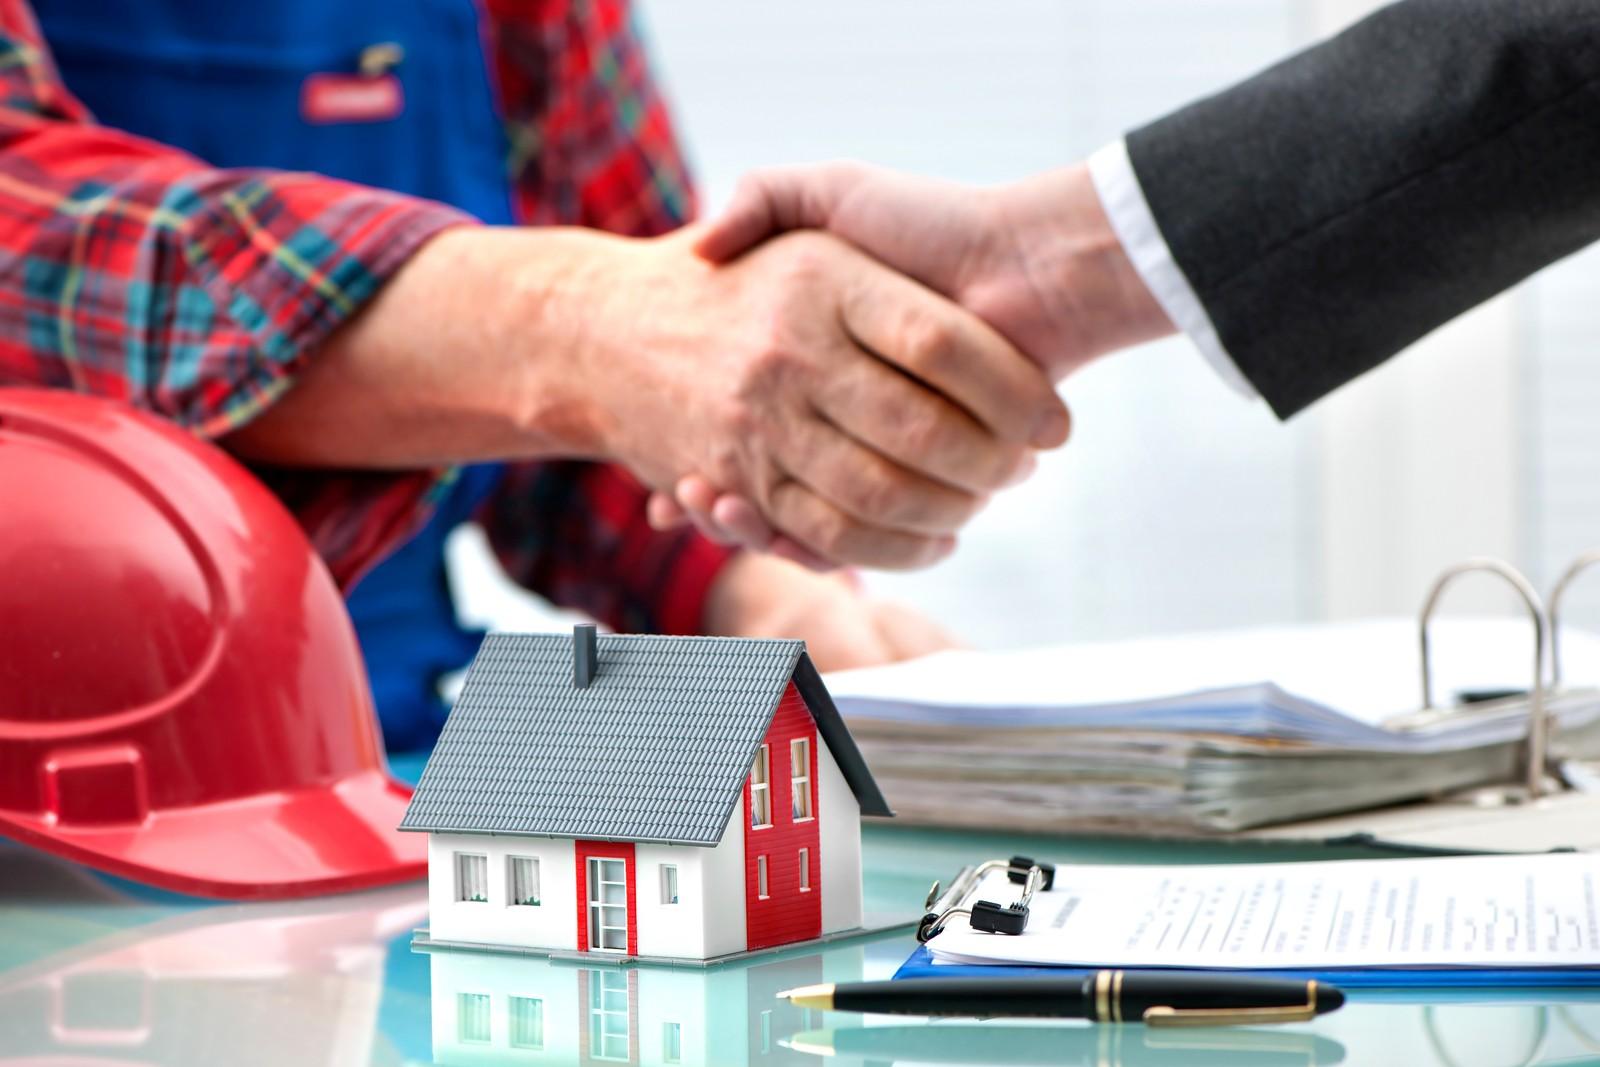 Kunden ist Zuverlässigkeit bei Handwerkern wichtiger als ein günstiger Preis. Deshalb verlassen sie sich auf Empfehlungen.